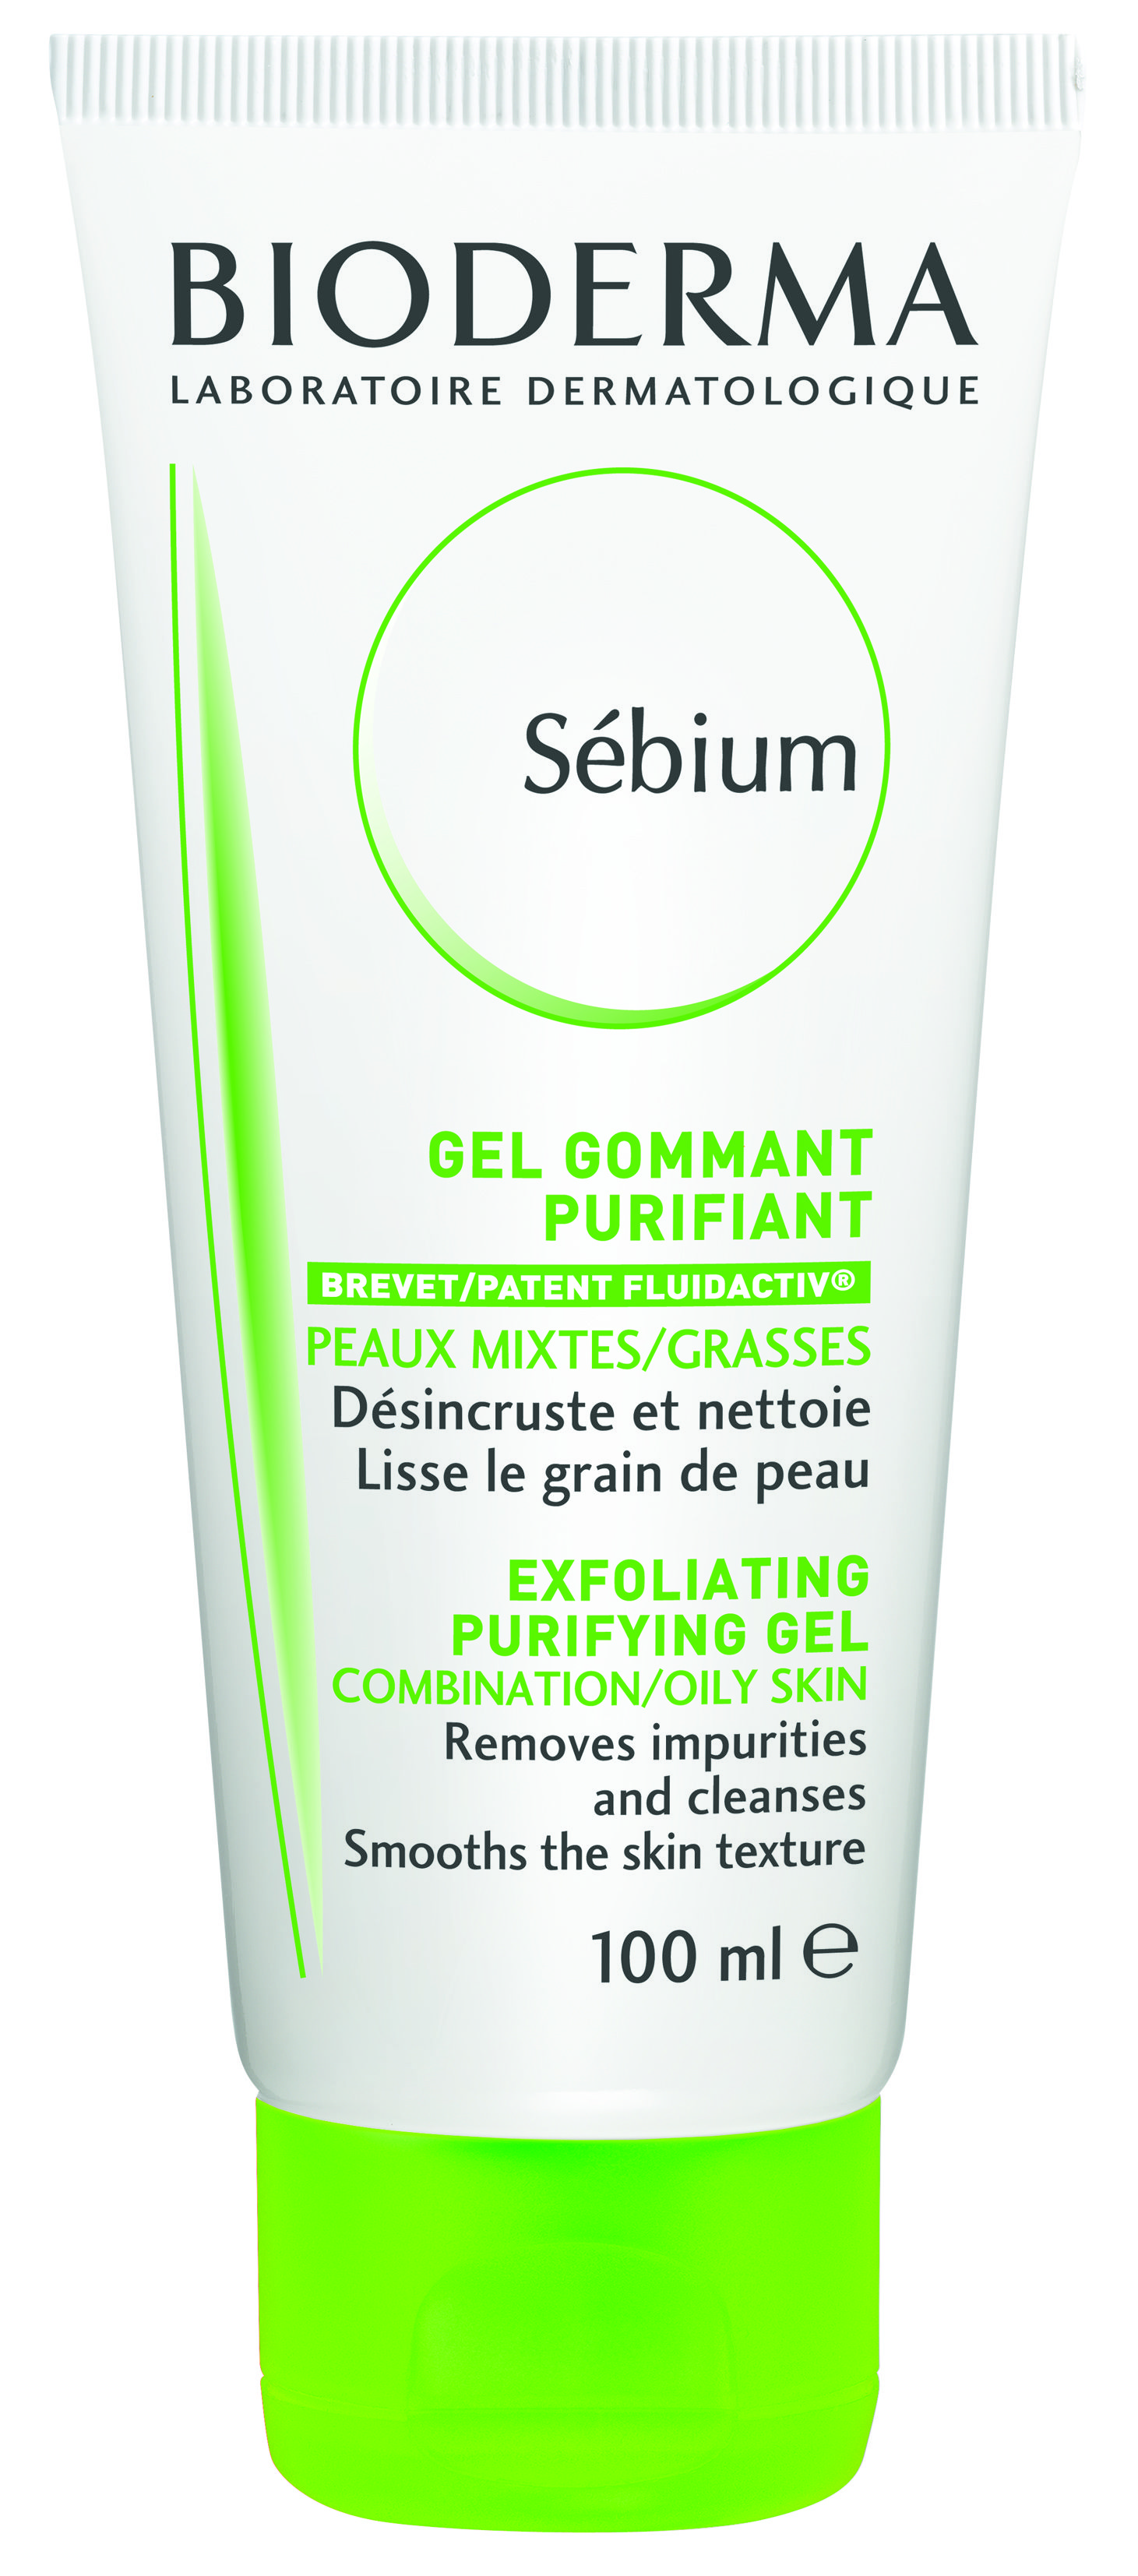 Bioderma Sebium With Images Beauty Hair Makeup Bioderma